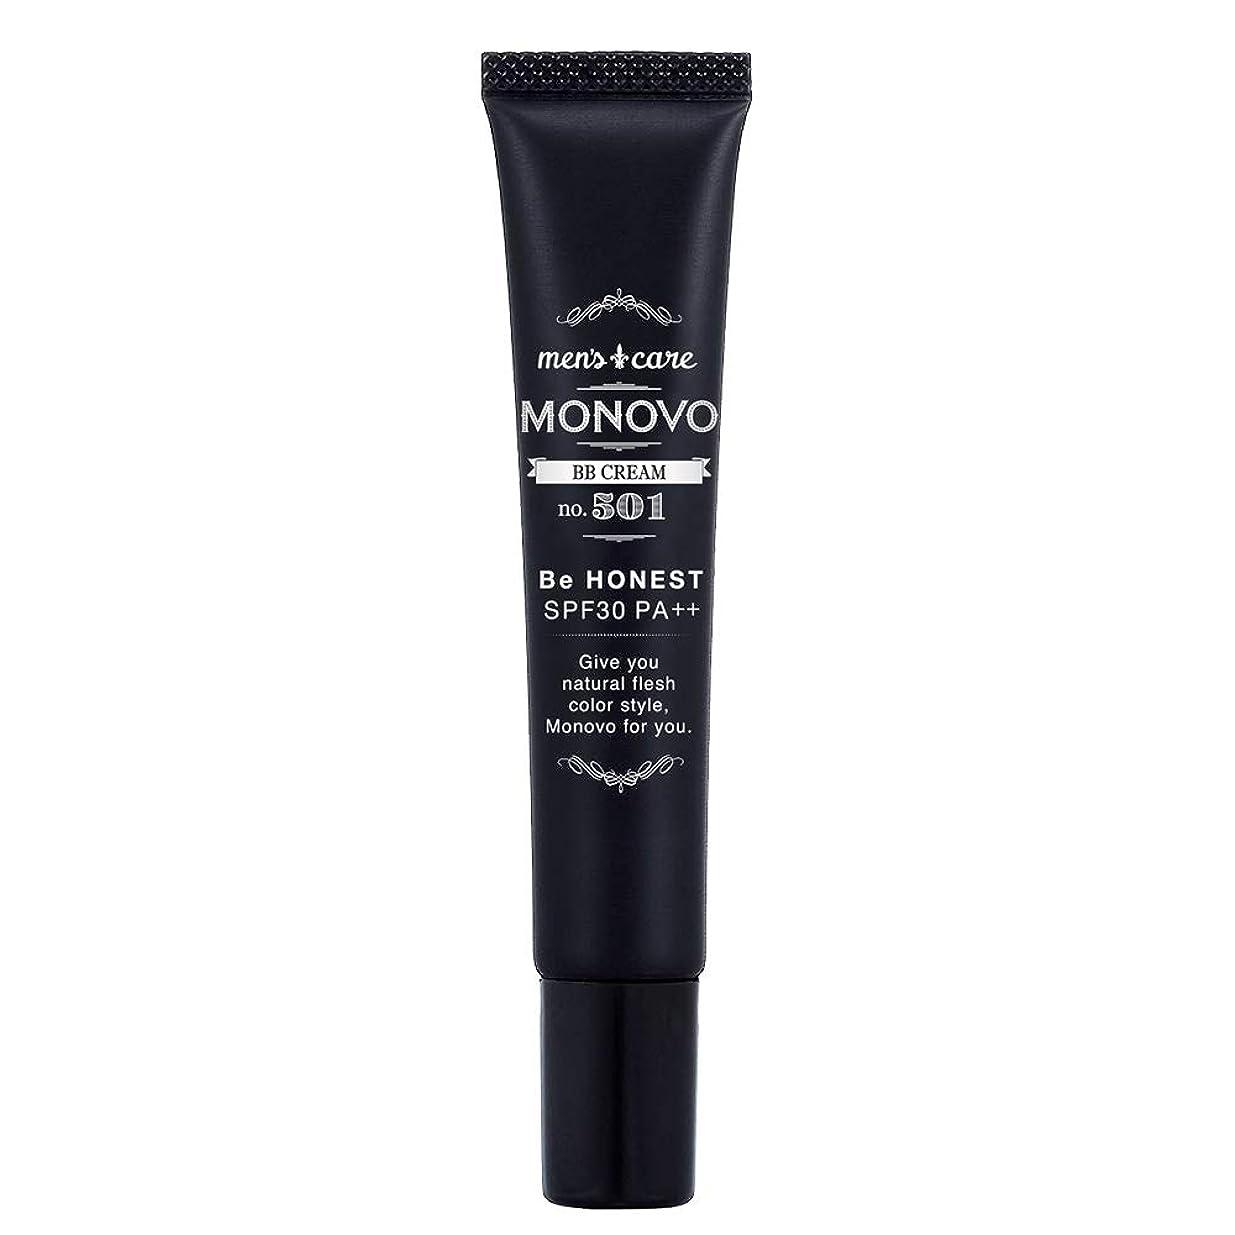 やがて有益なペインティングMONOVO BBクリーム メンズ コンシーラー ファンデーション効果で青髭/テカリ/肌荒れ隠し[ SPF30/PA++] 1本 20g